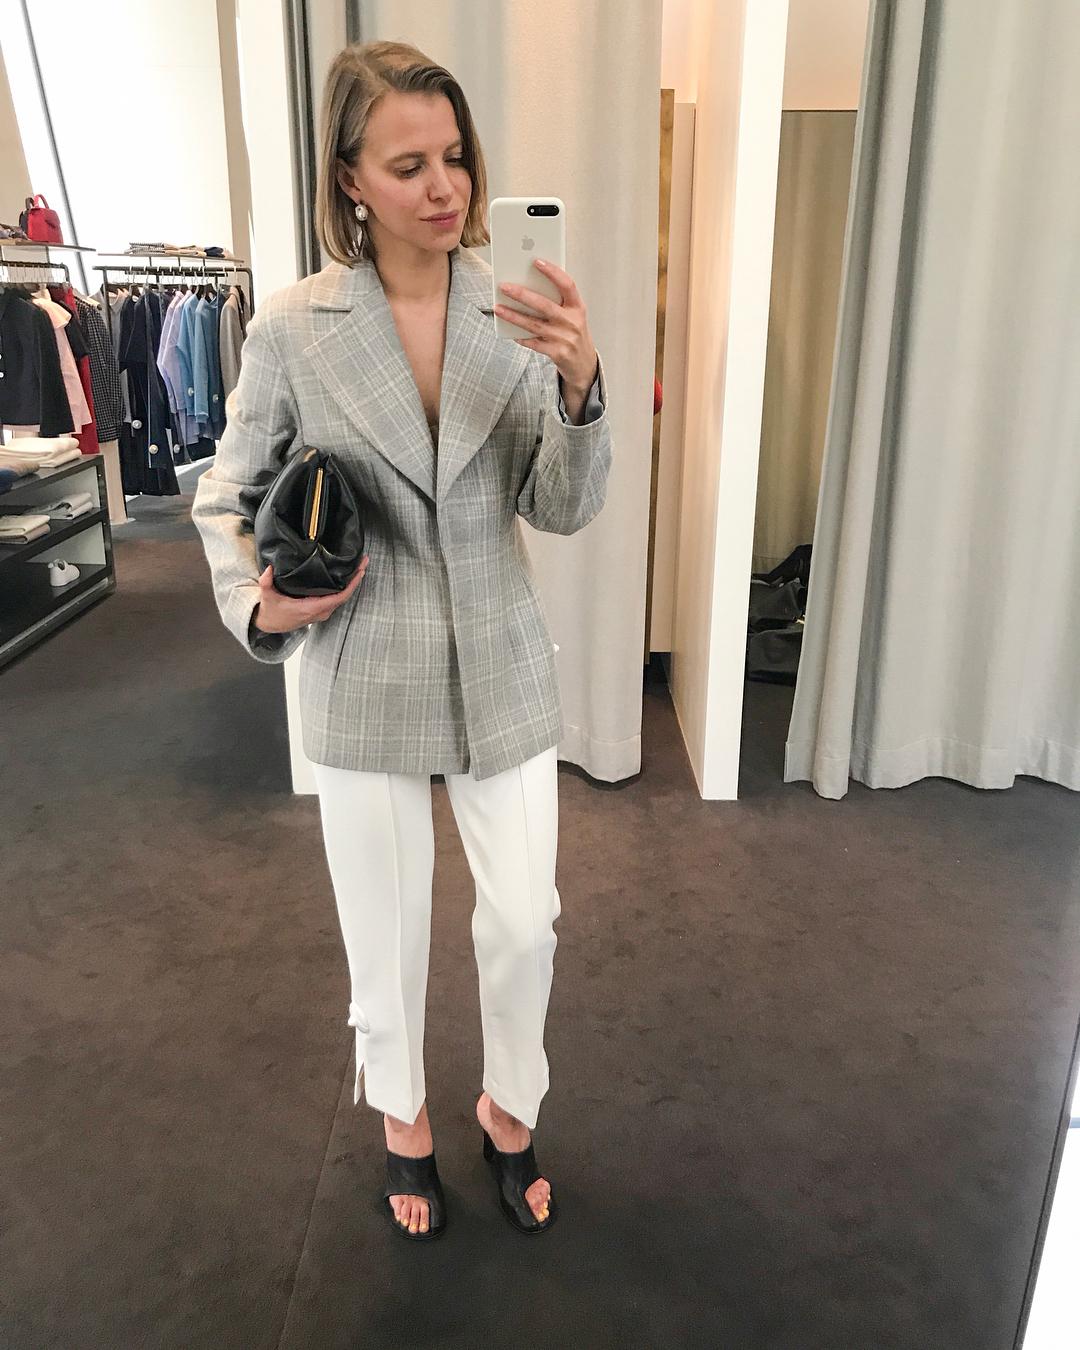 Модные образы для деловых женщин осень-зима 2018-2019 фото 4